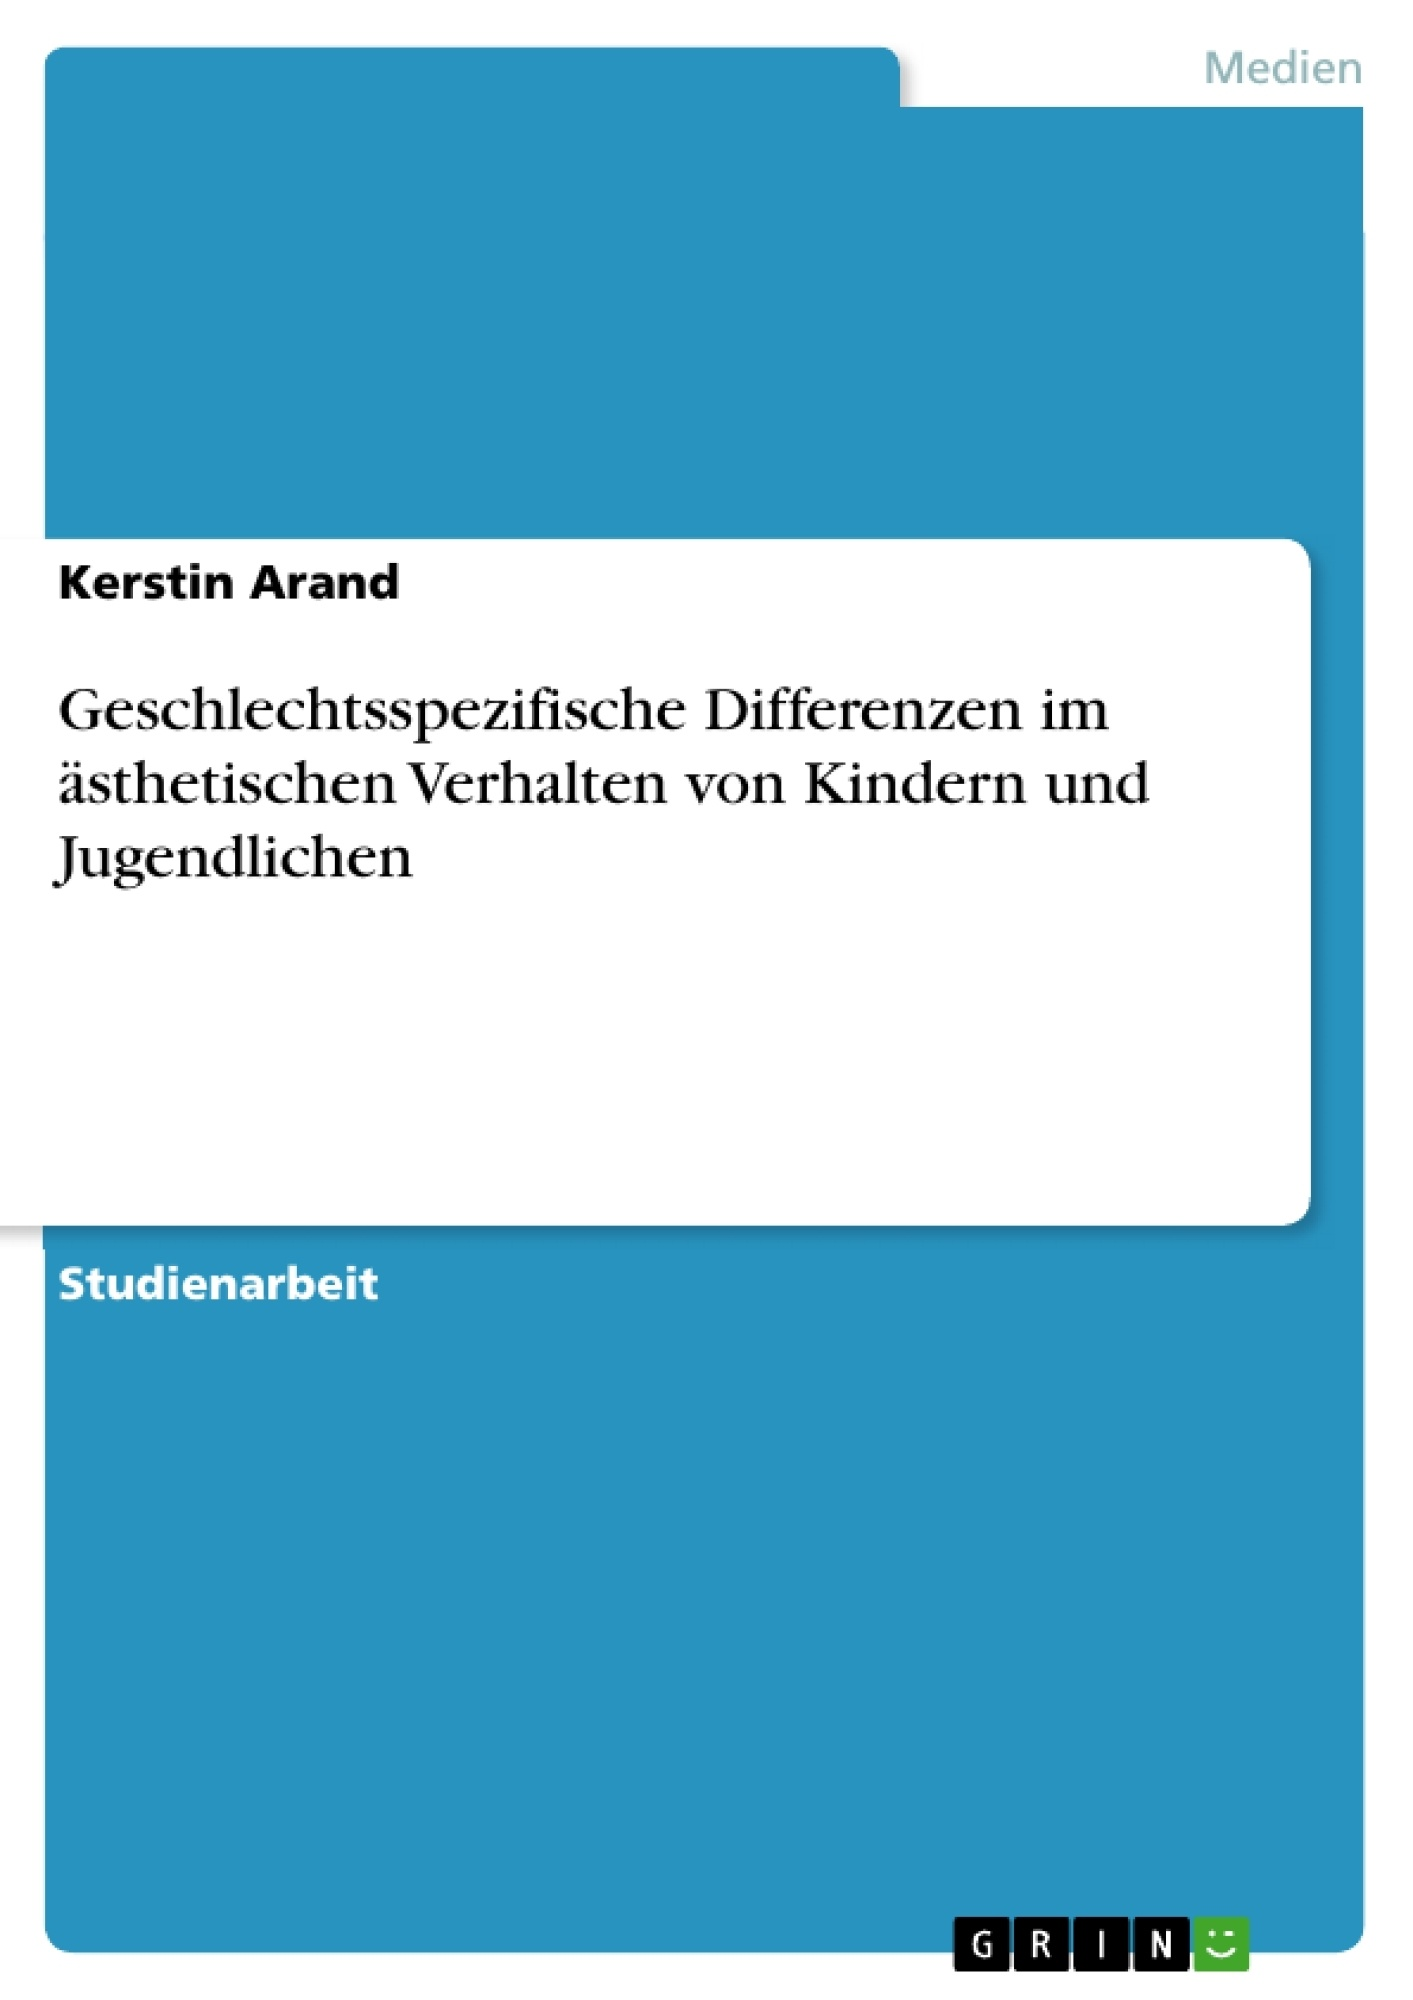 Titel: Geschlechtsspezifische Differenzen im ästhetischen Verhalten von Kindern und Jugendlichen